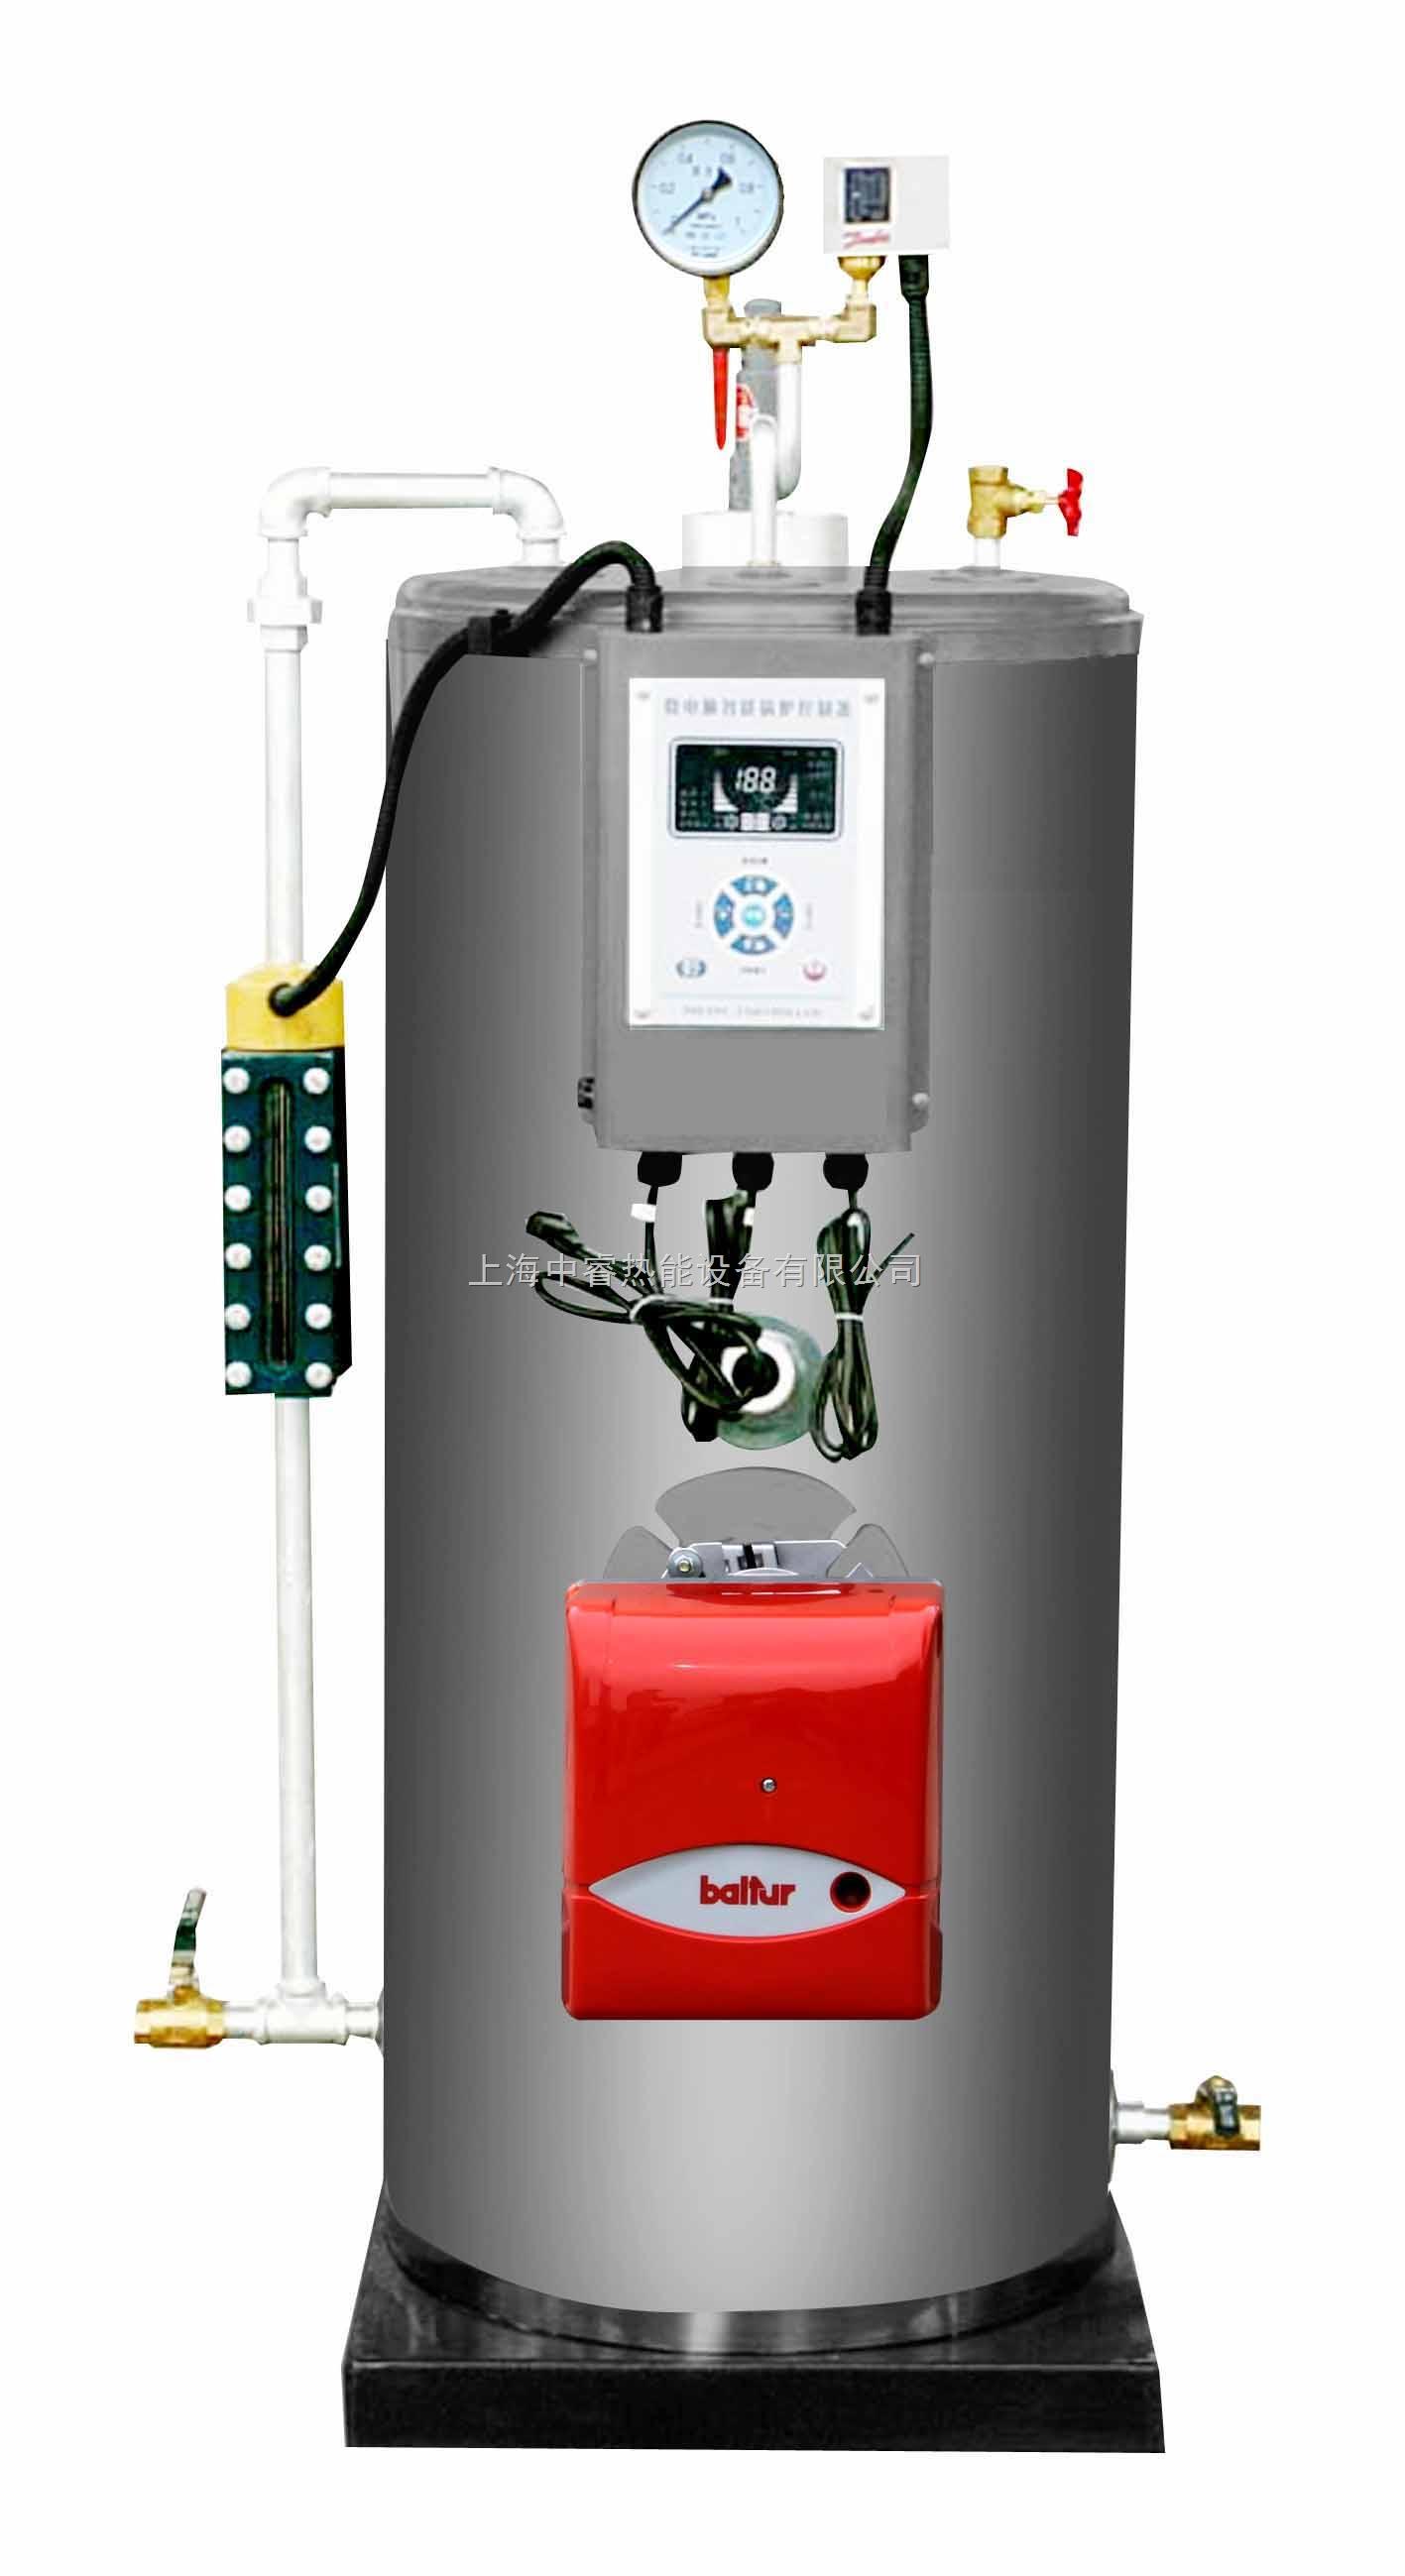 """立式燃油蒸汽锅炉按照特种设备安全监察条例""""中第九十九条对锅炉的定义,本发生器容积小于其规定的30L容积的要求,不属于锅炉压力容器制造监督管理办法""""规定的产品安全性能强制监督检验的范畴,可以免去地方监督检验。"""